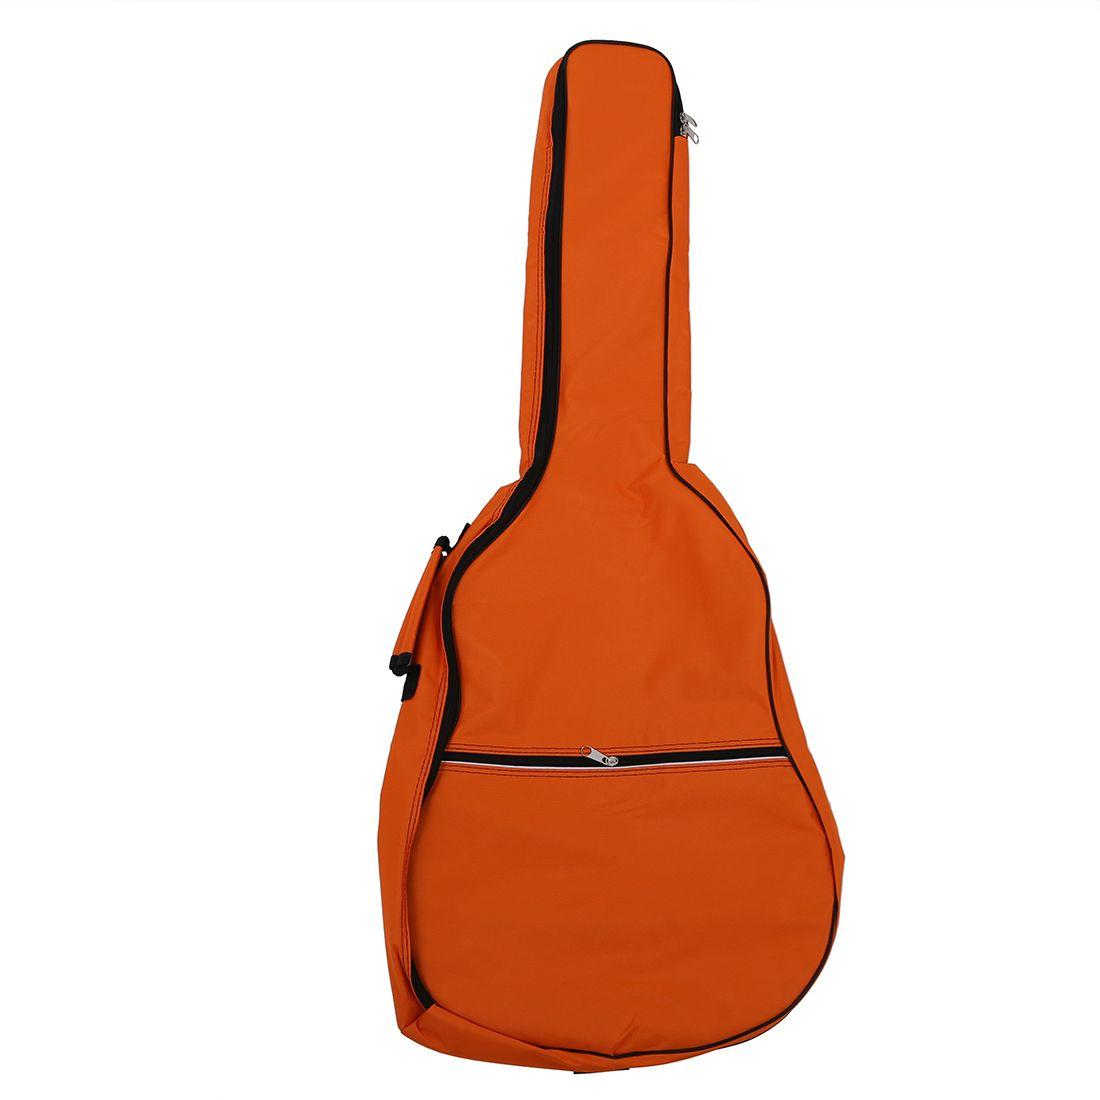 Gig Bag Case Soft Padded Straps for Folk Acoustic Guitar 39 40 41 Inch Orange